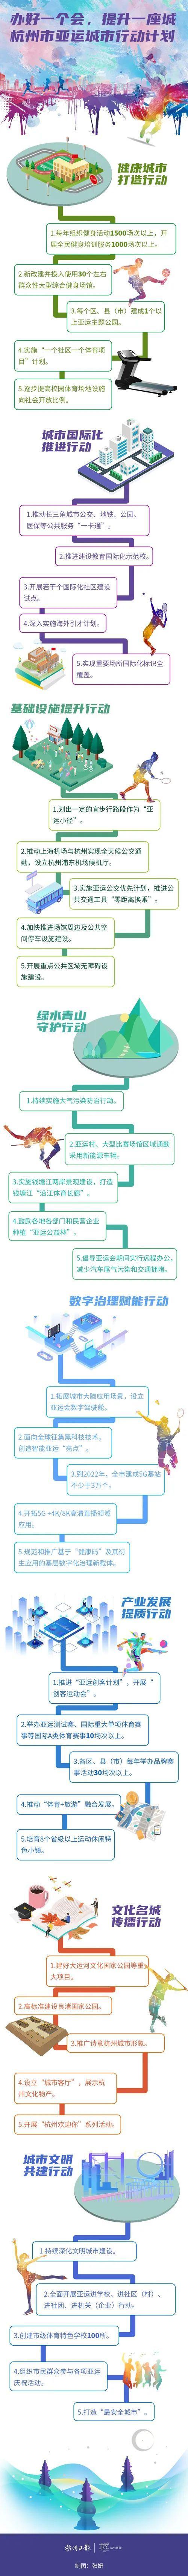 杭州亚运城市行动有哪些干货?一图带你知晓